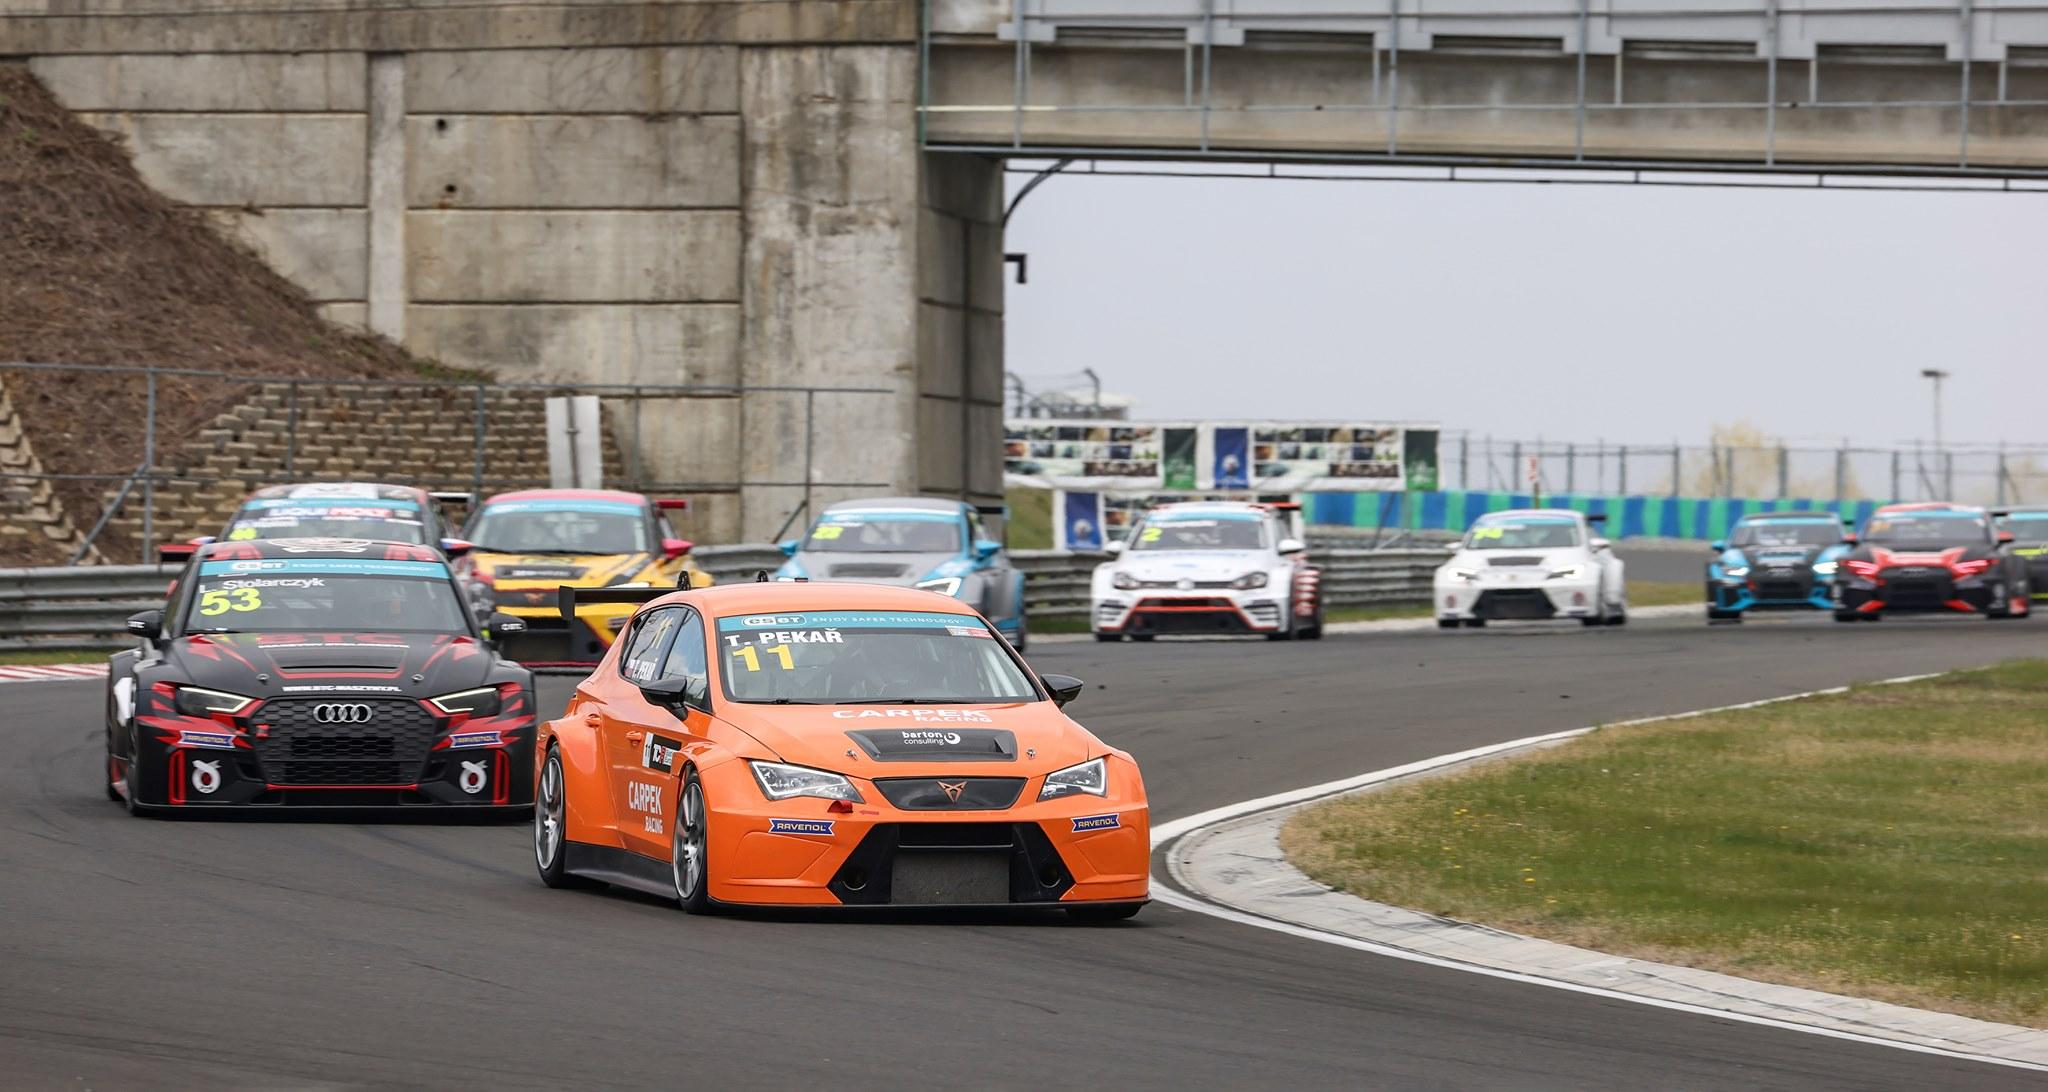 Sezonu TCR Eastern Europe zahájil dvěma výhrami Pekař